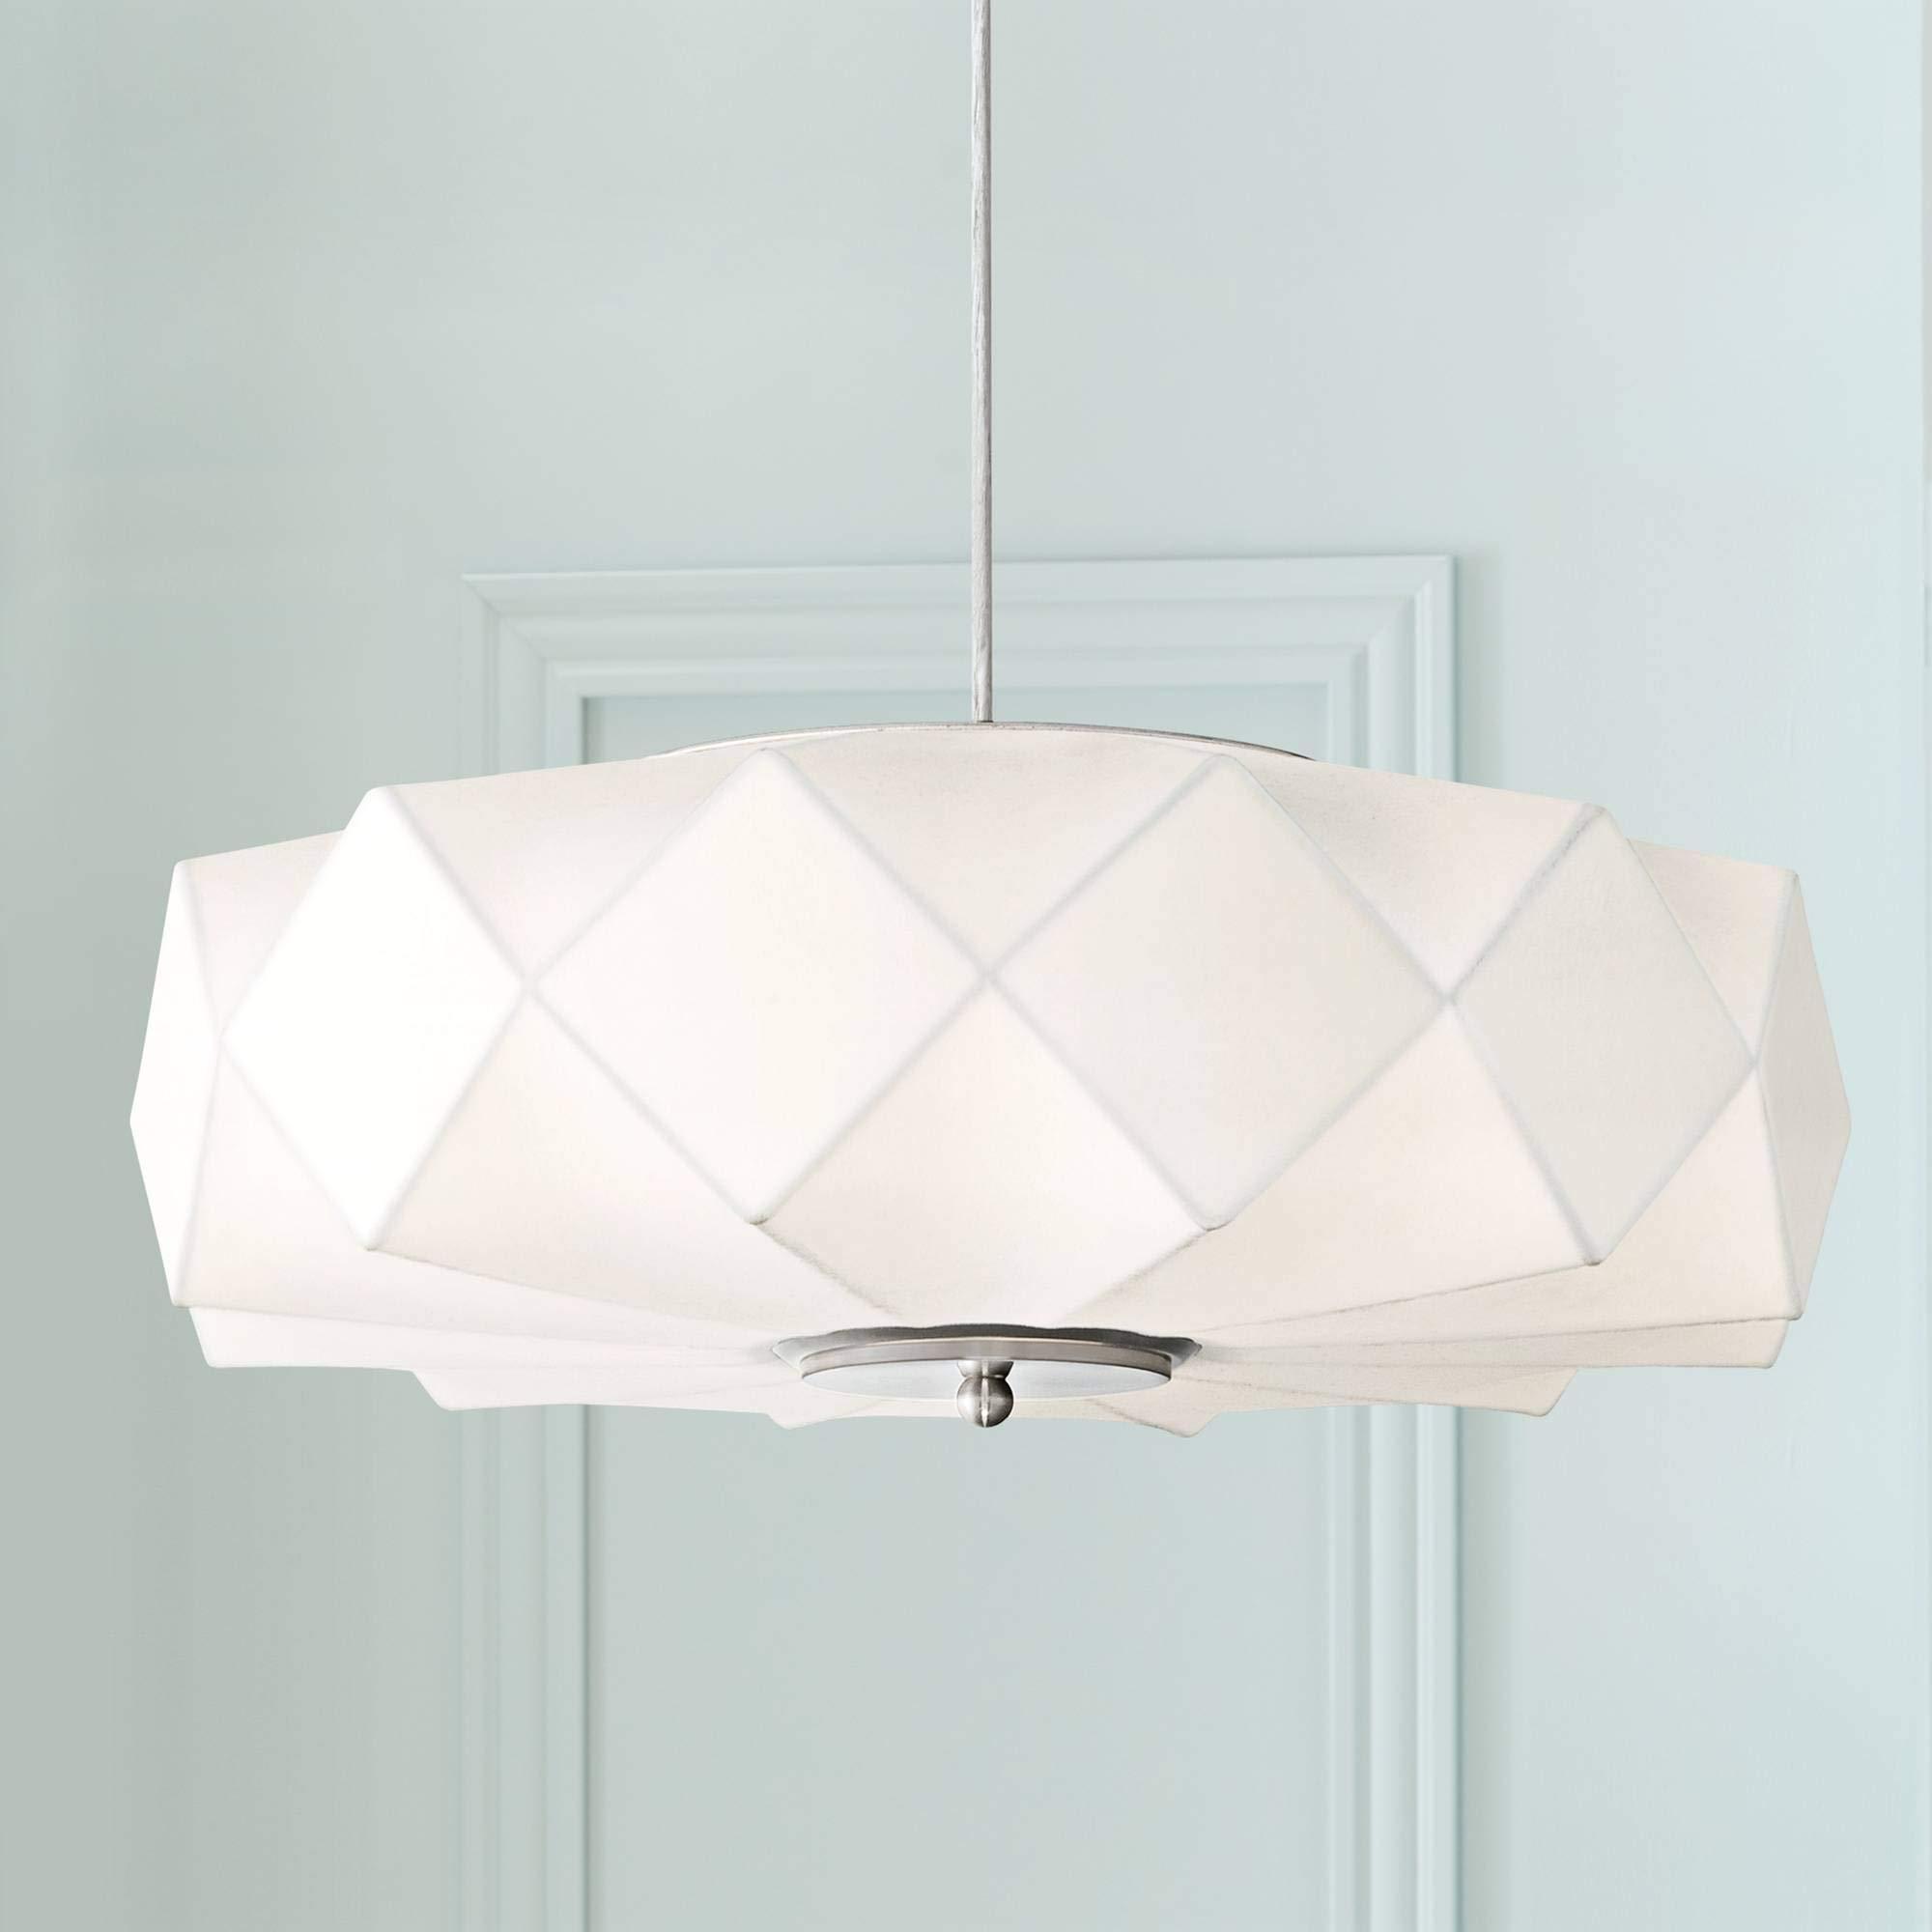 Possini Euro Glacier 20'' Wide Contemporary White Pendant - Possini Euro Design